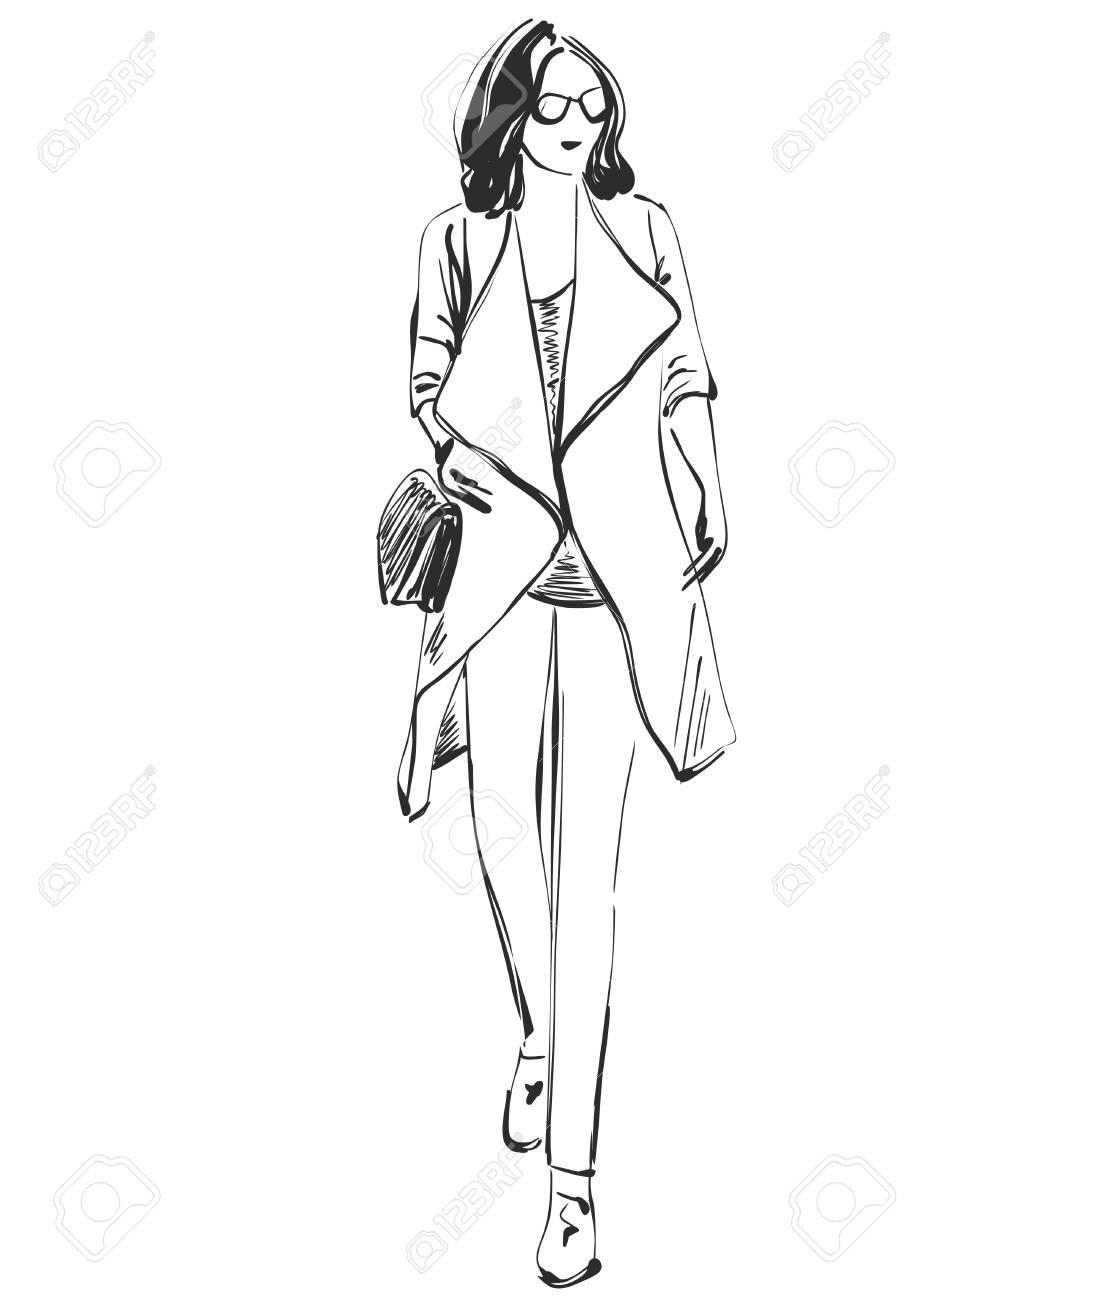 Modele De Belle Jeune Fille Pour La Conception Mode Style Beaute Graphique Dessin De Croquis Clip Art Libres De Droits Vecteurs Et Illustration Image 87612058